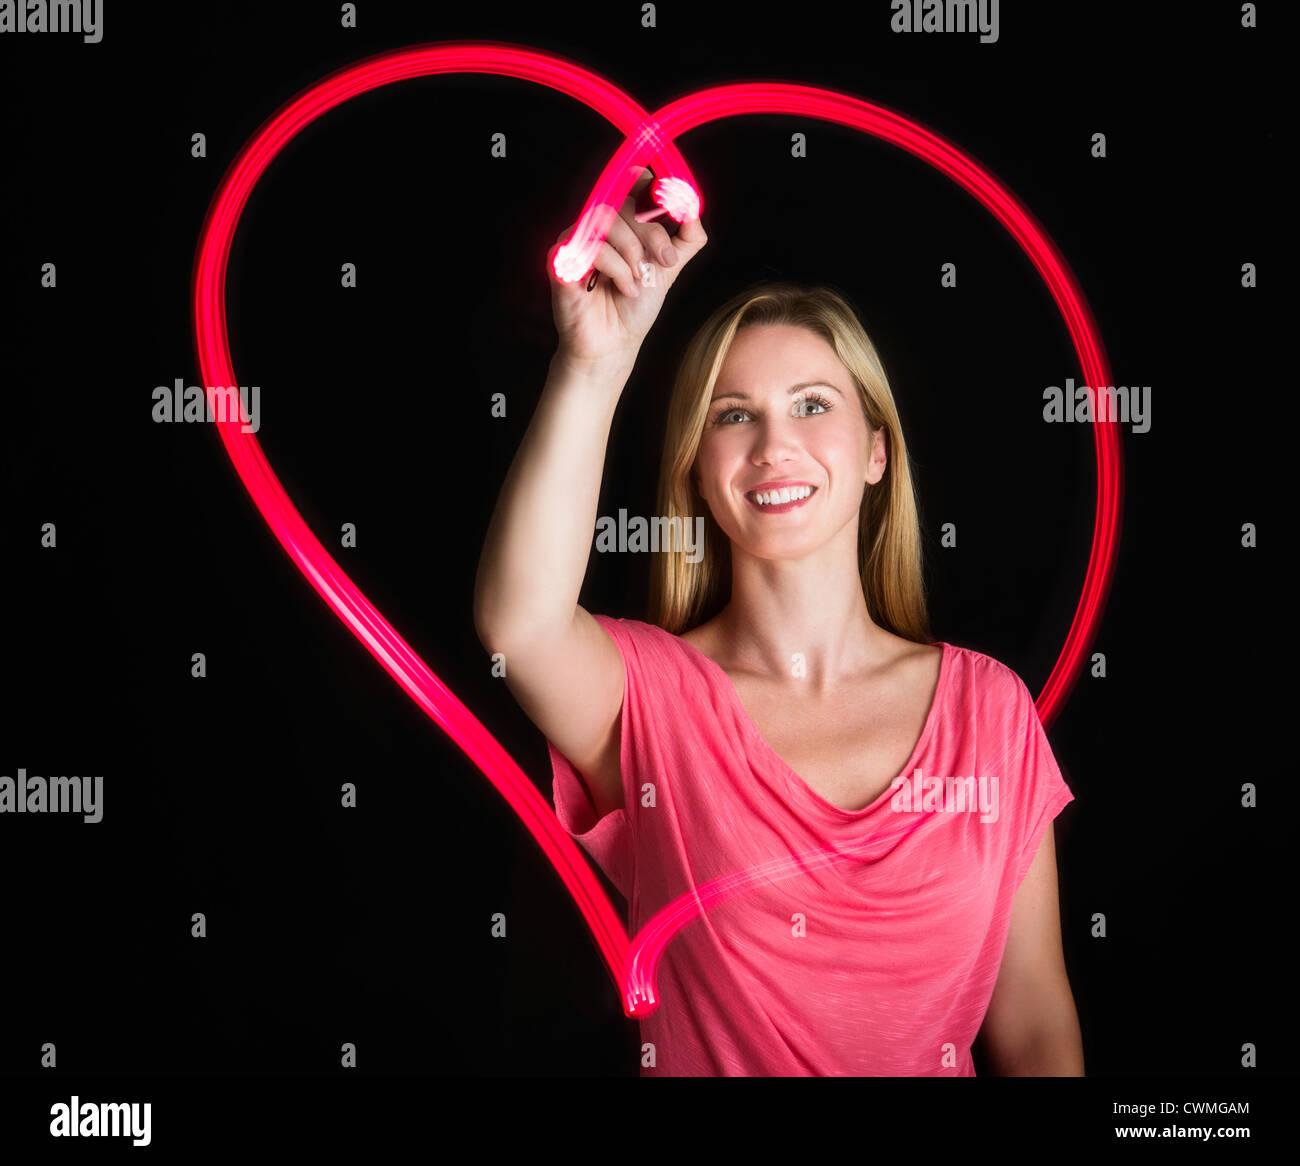 Mulher desenho coração em fundo preto Imagens de Stock